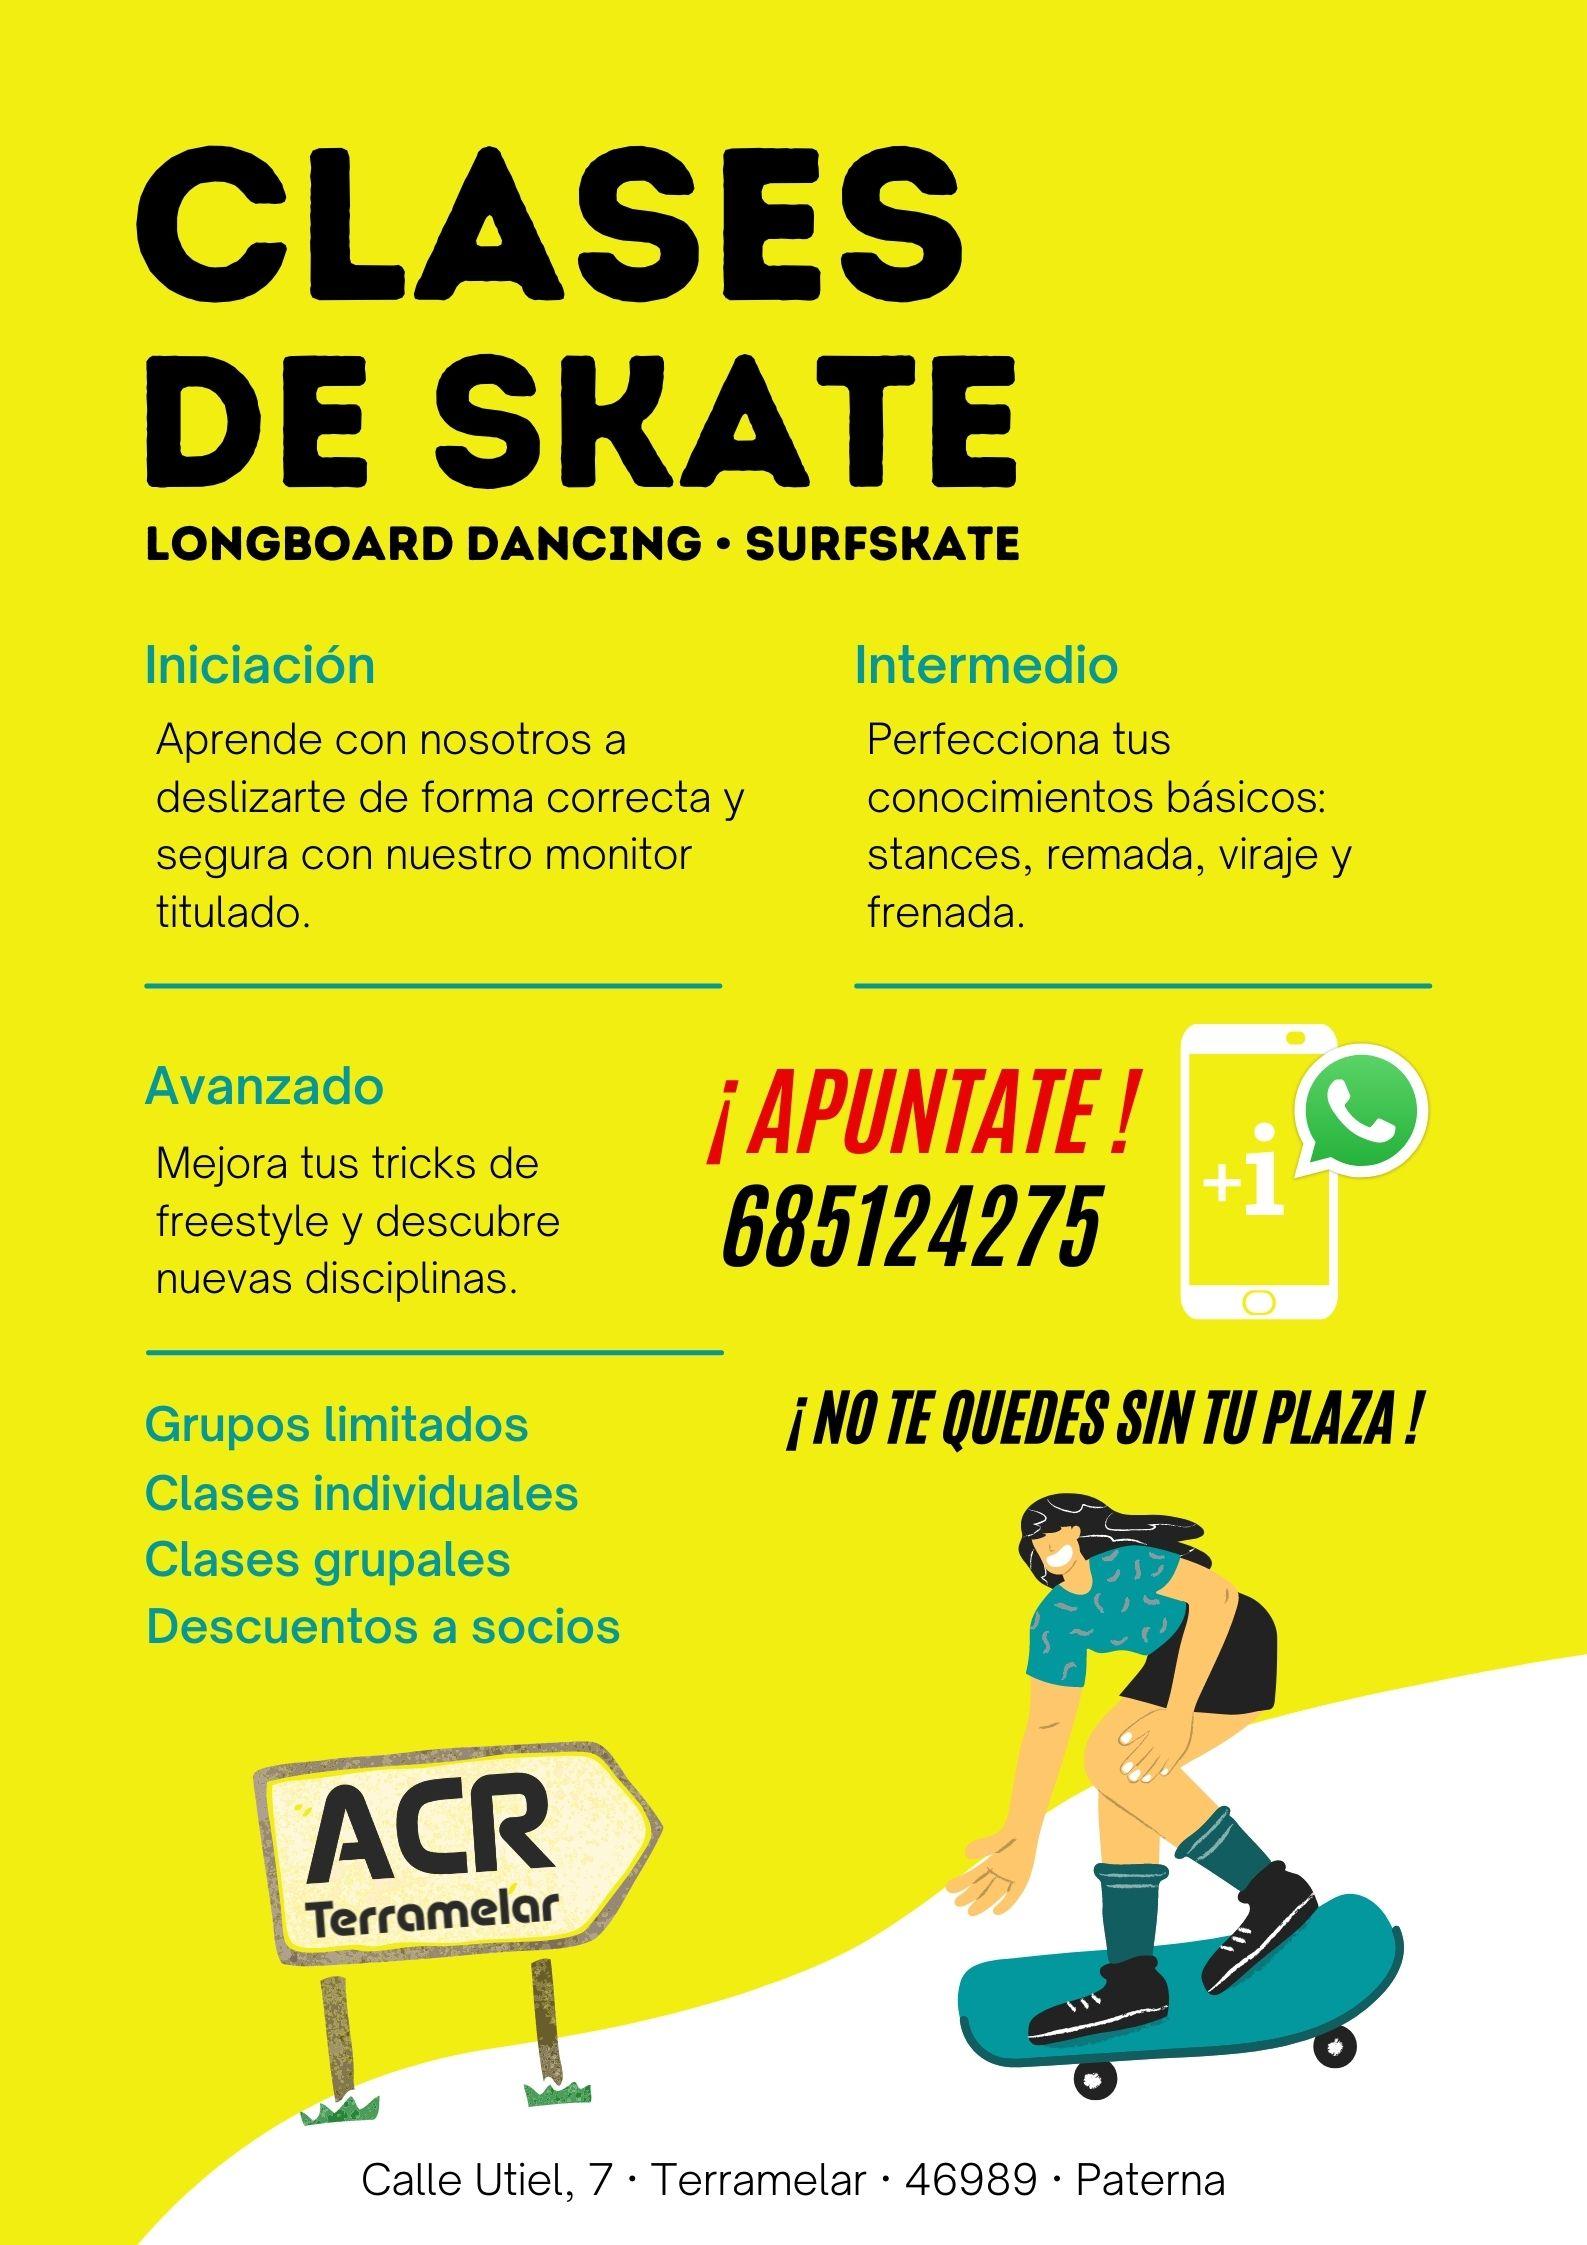 Boceto-Clases-Skate-long-surfskate-ACR-Terramelar-1